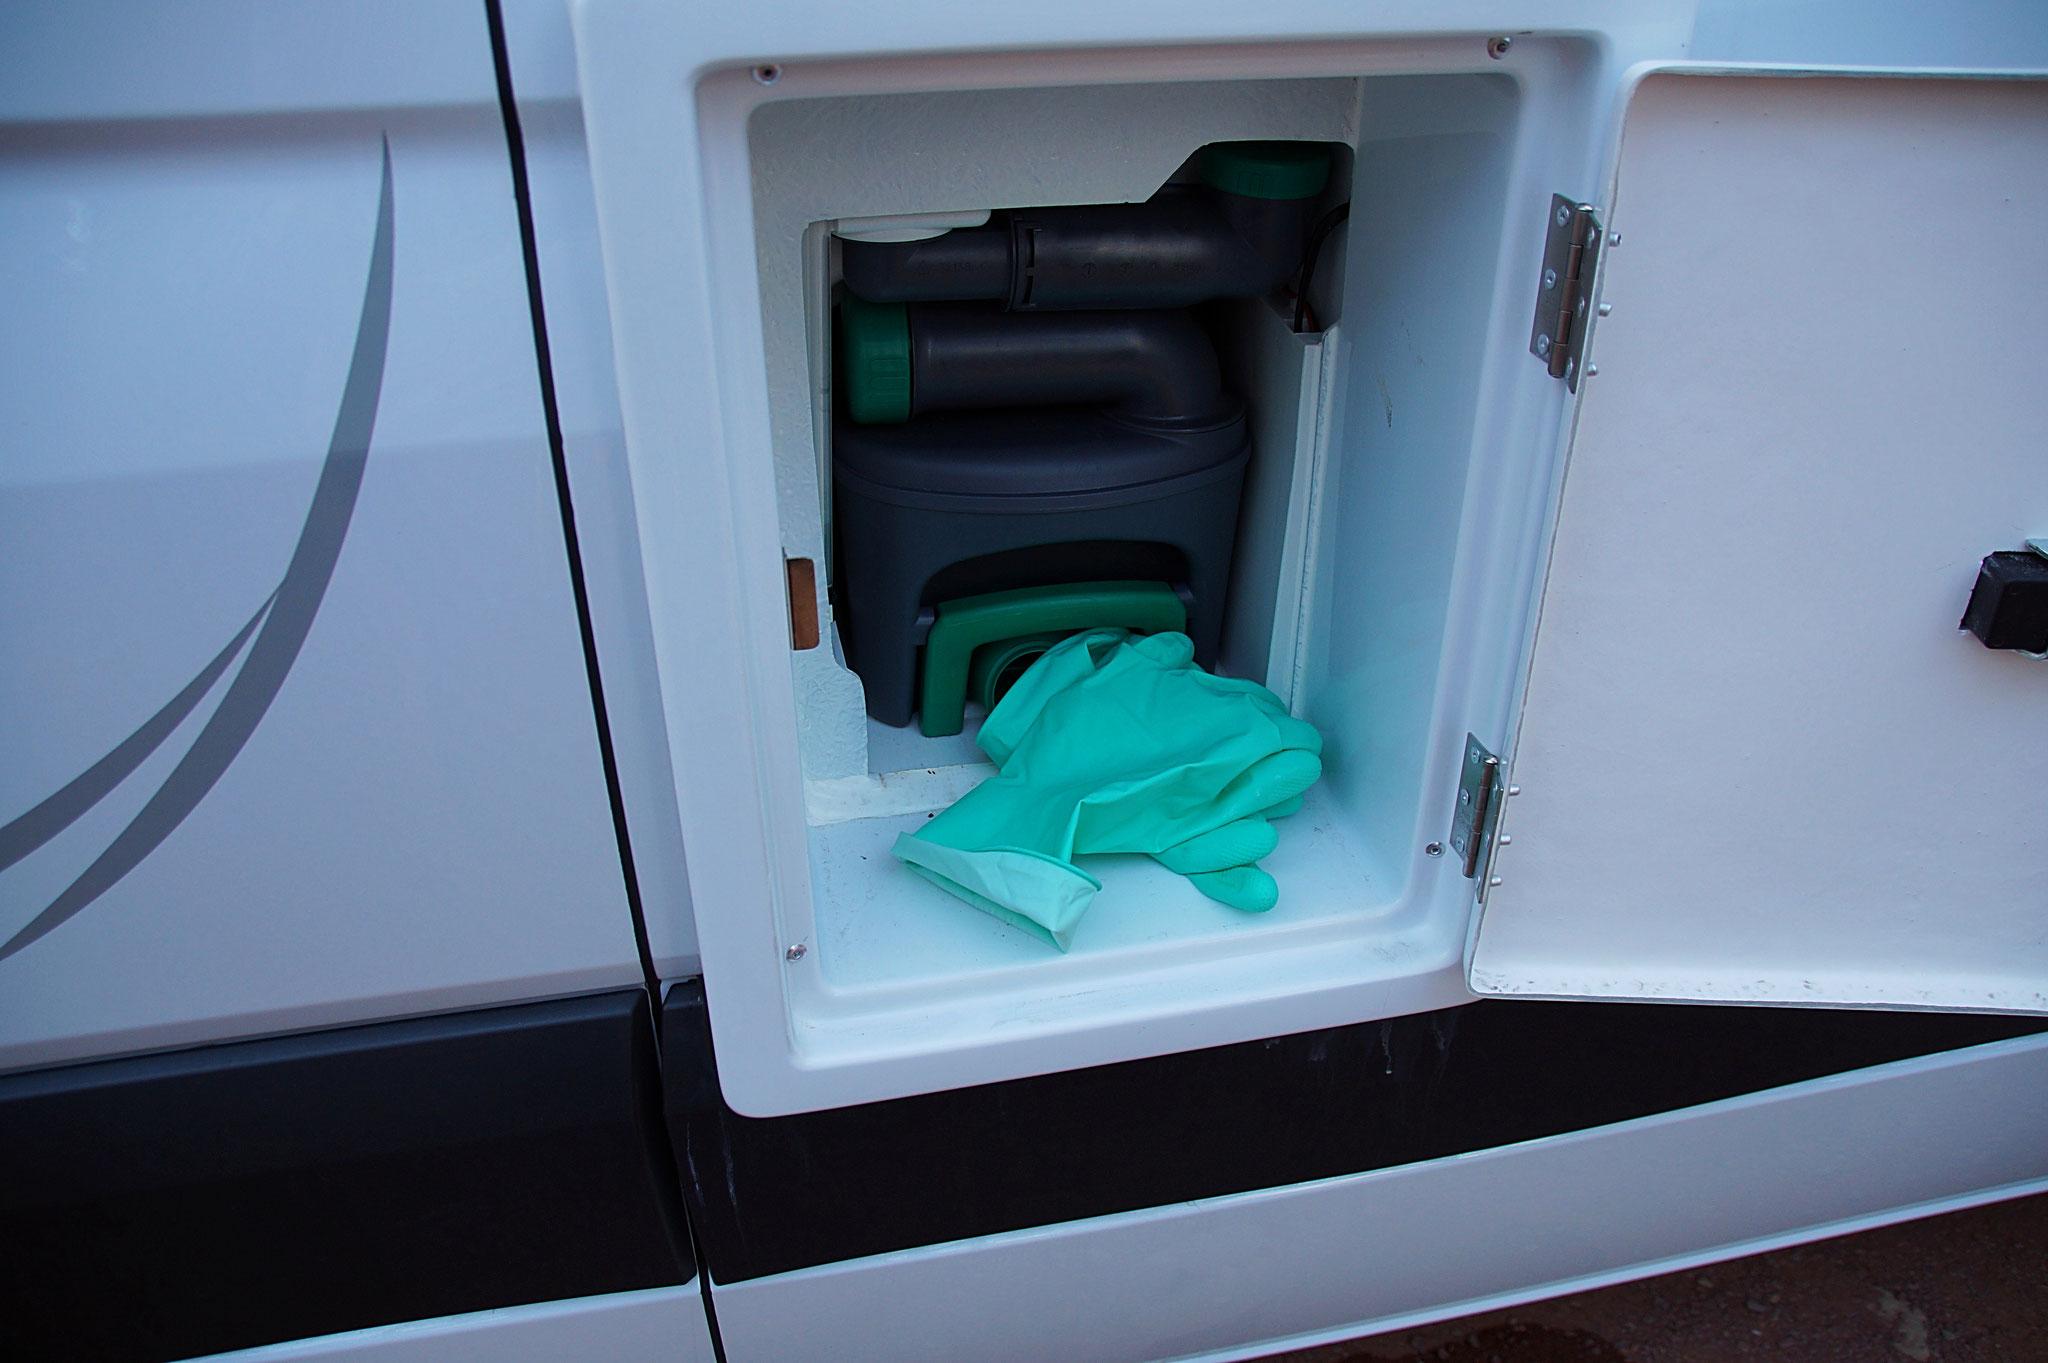 Klo-Abwassertank mit Handschuhen